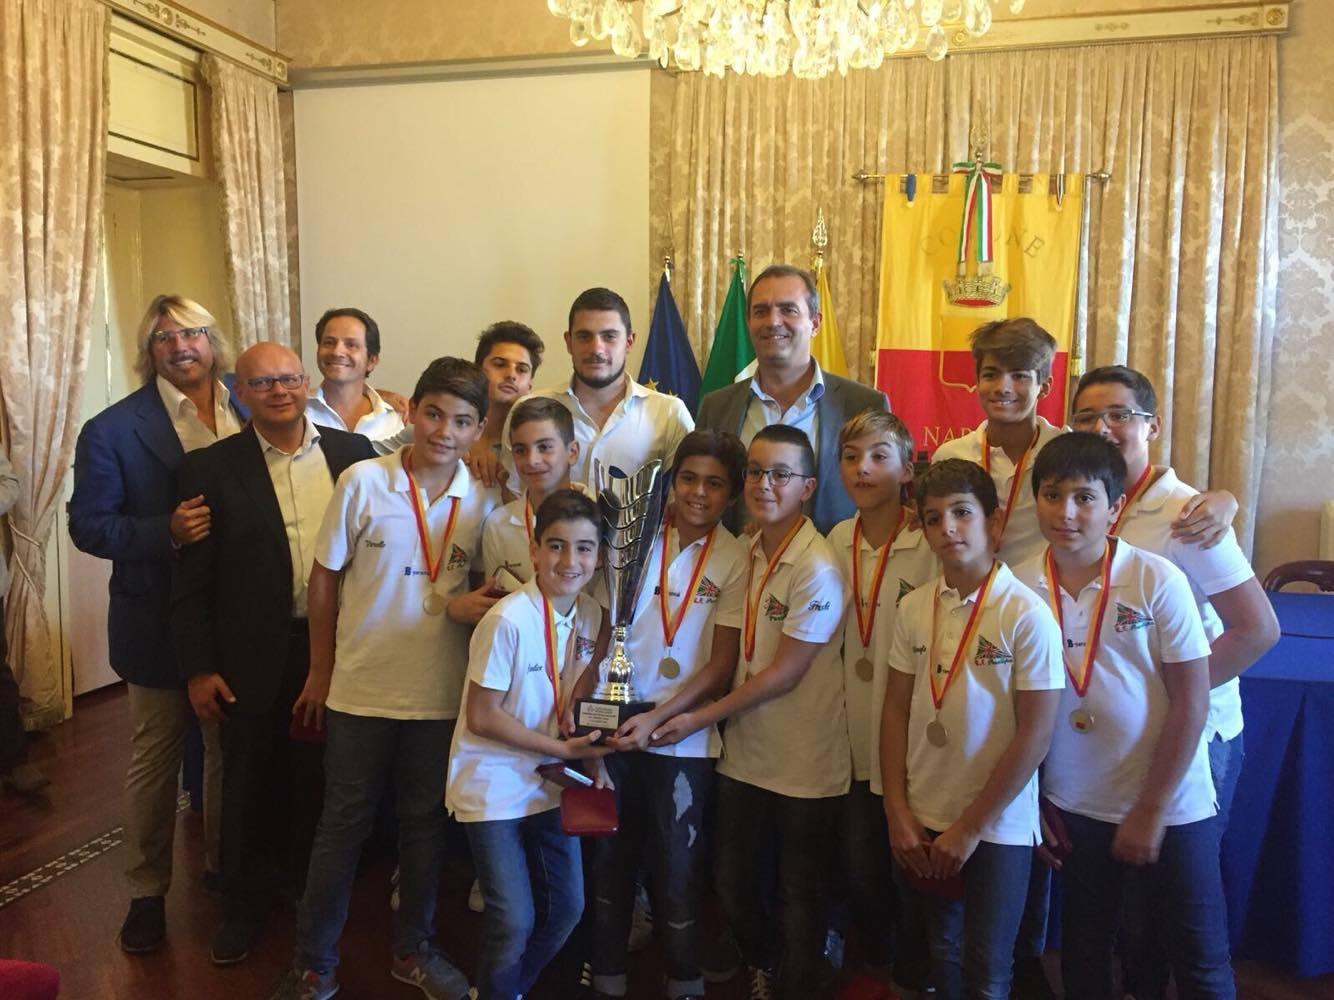 Napoli, il Sindaco premia il Posillipo campione HaBaWaBa